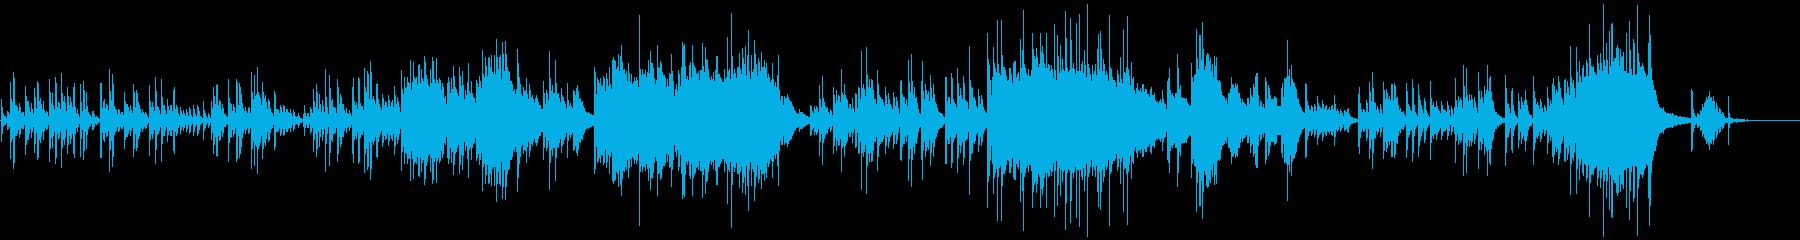 しっとりとした切なく悲しいピアノソロの再生済みの波形